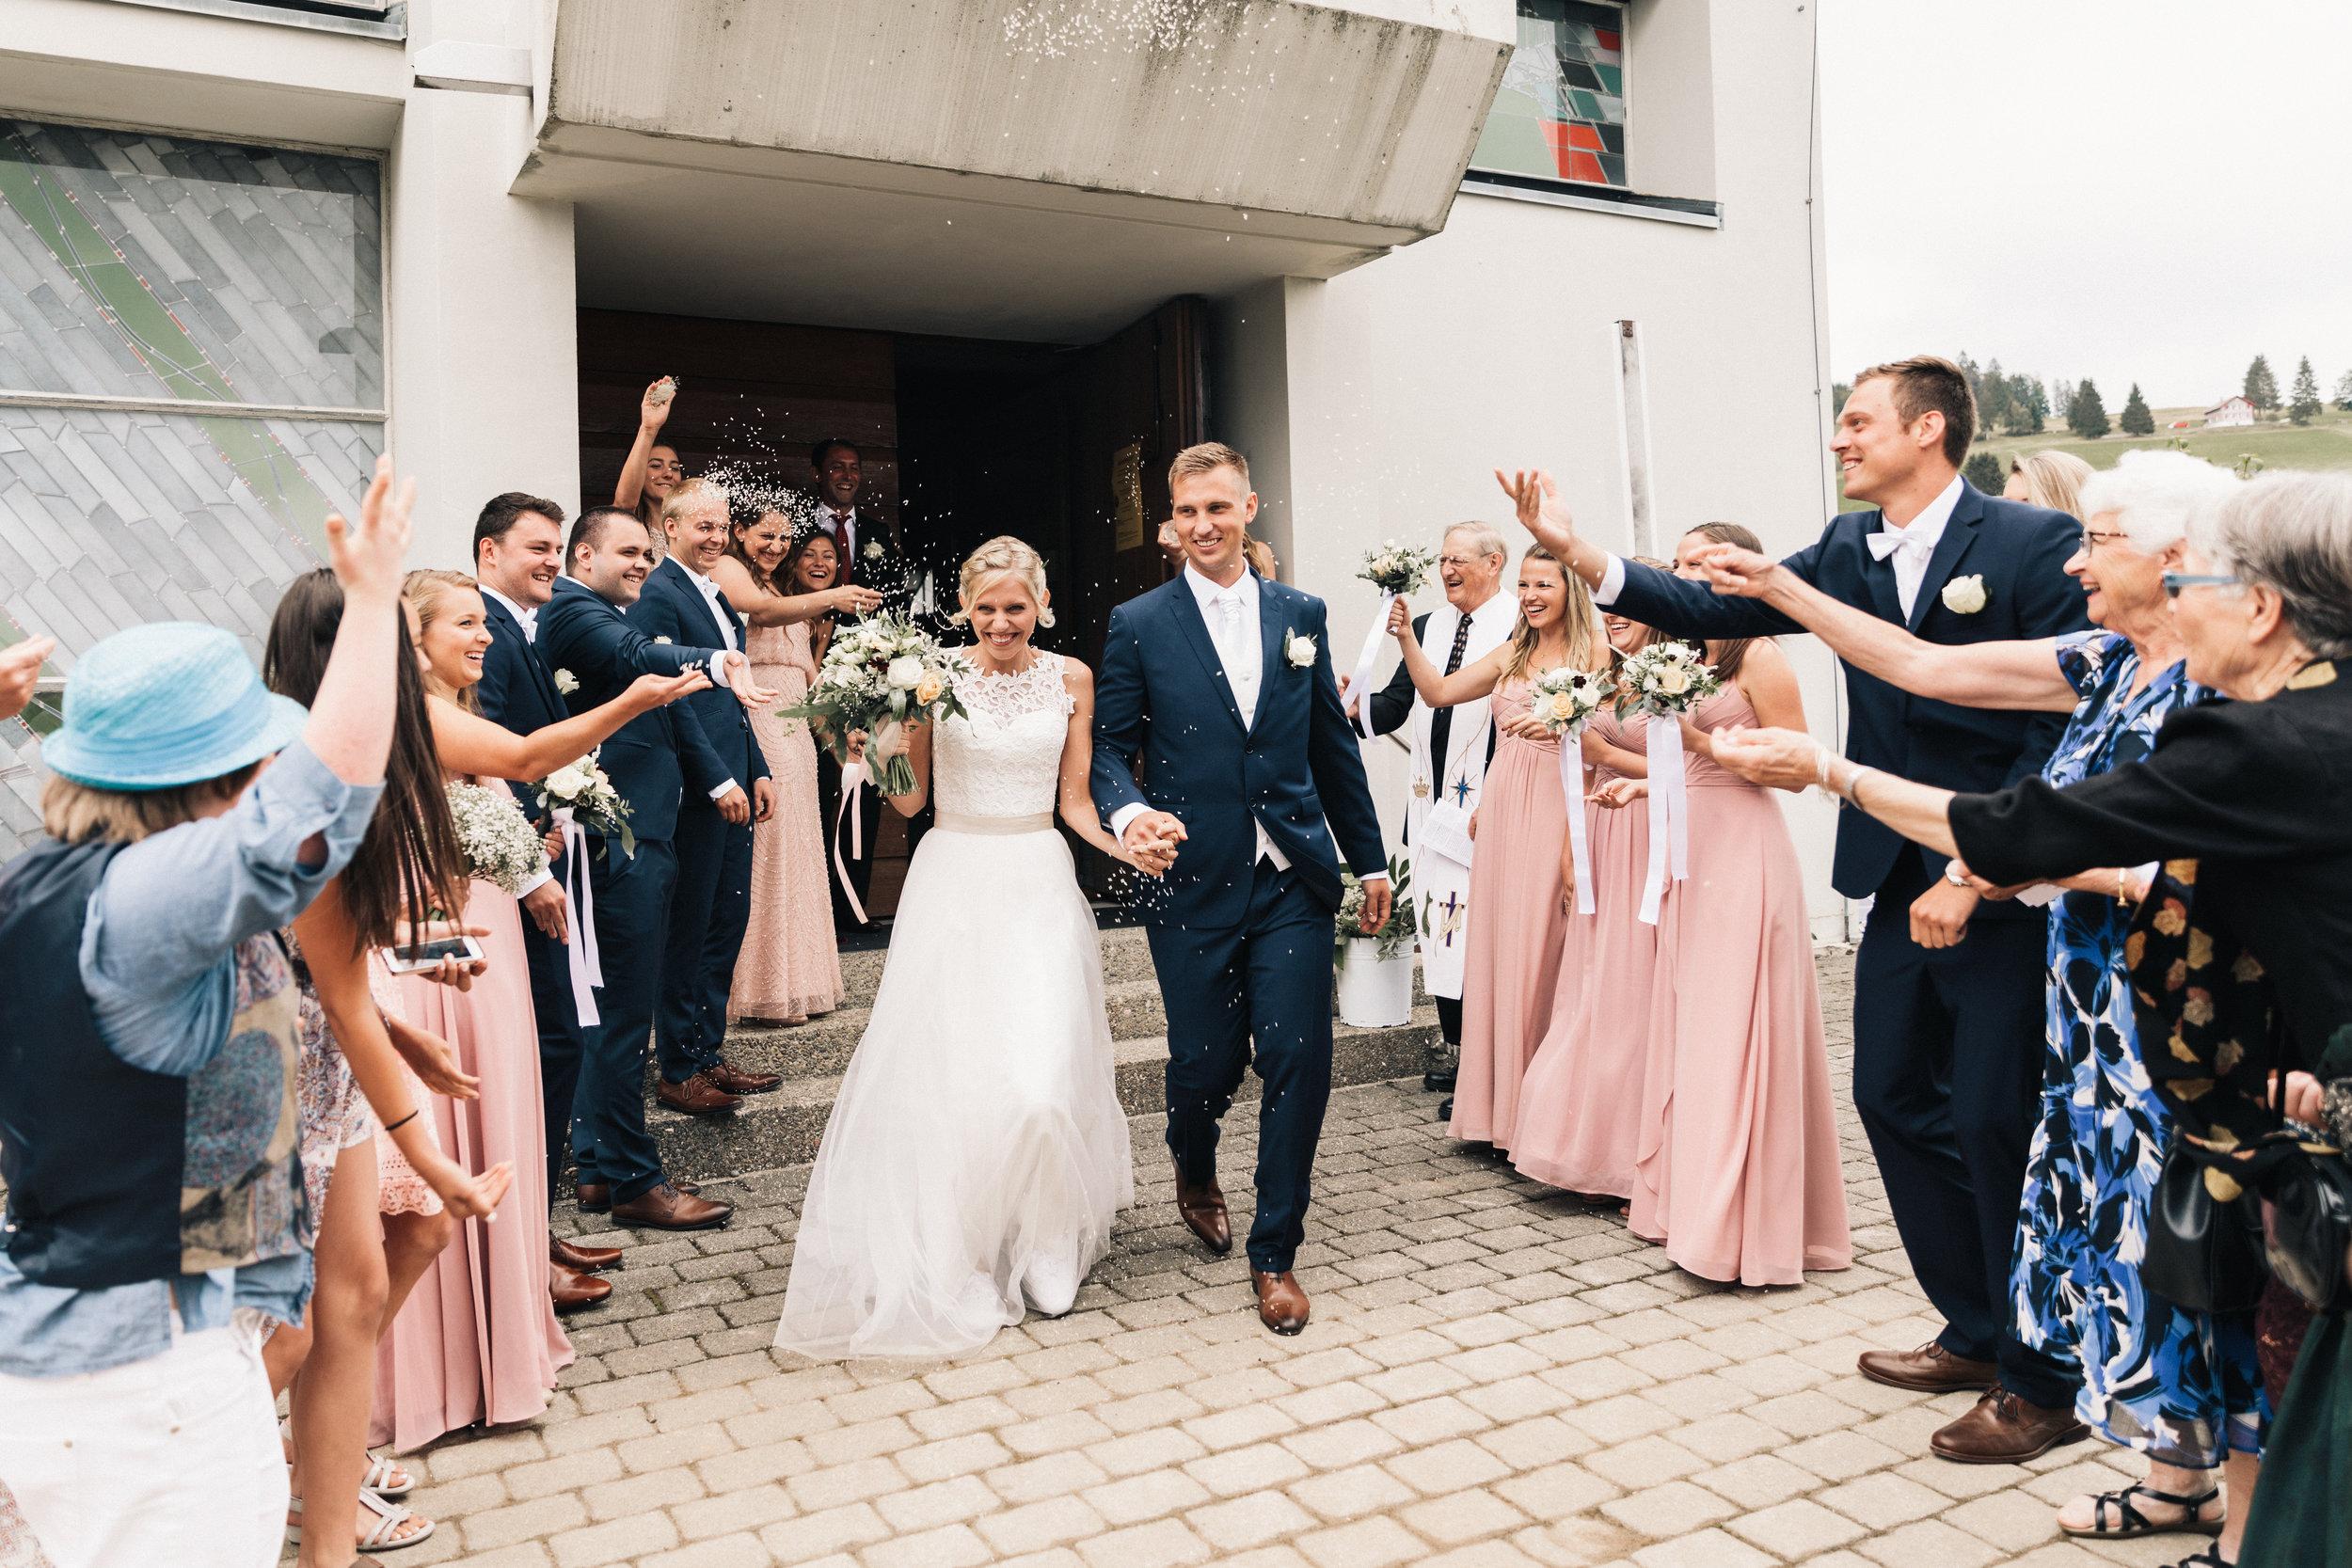 534-ltw-eva-kris-wedding.jpg